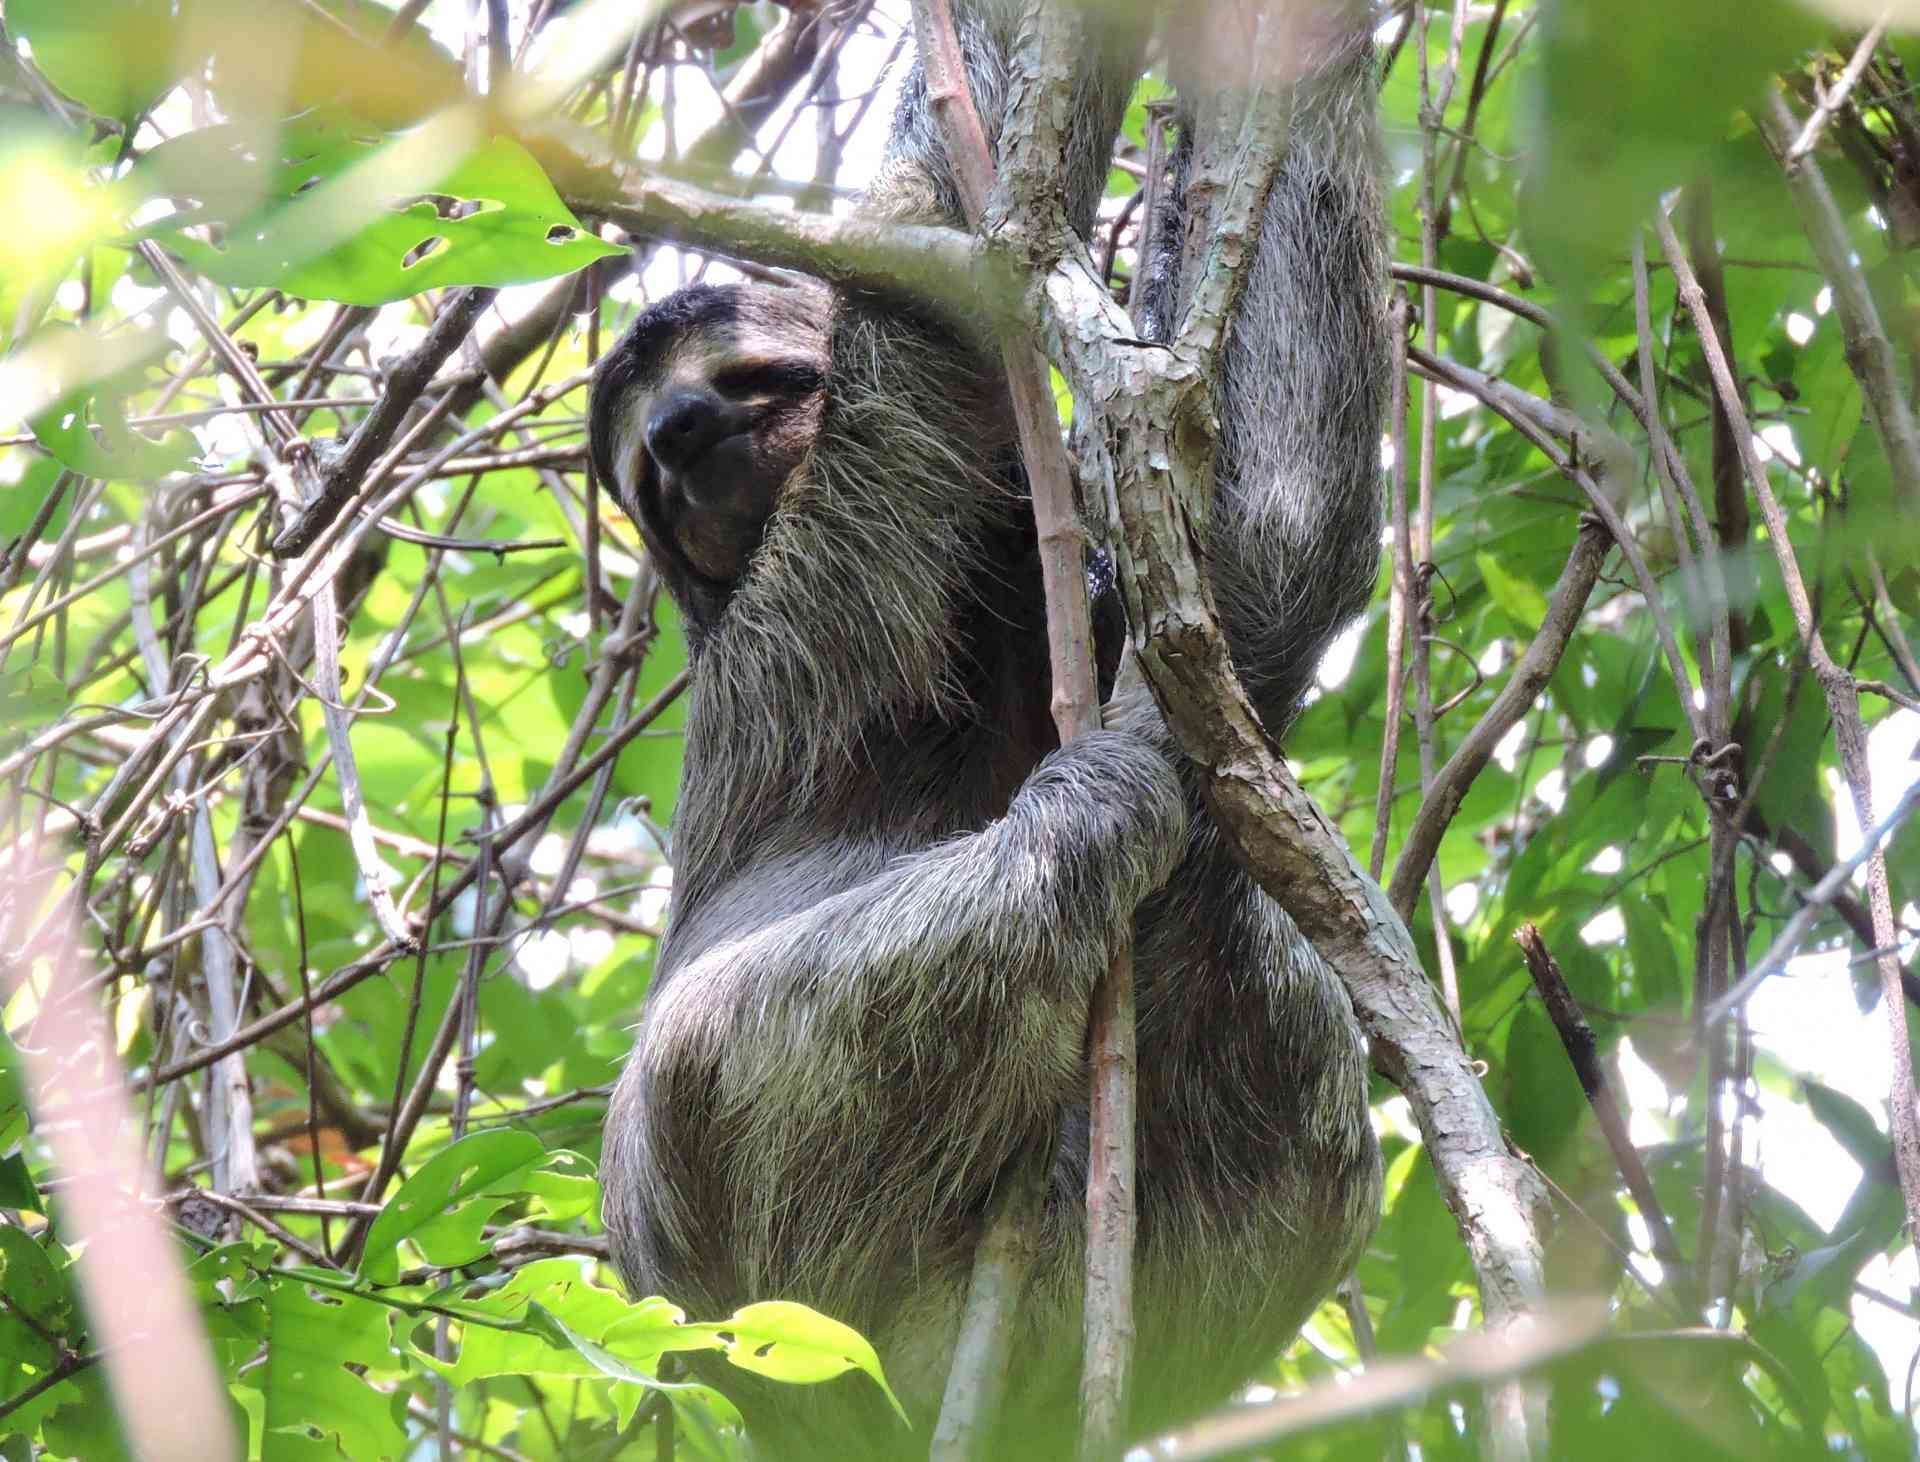 Sloth in Manuel Antonio National Park, Costa Rica by Zoe Francis